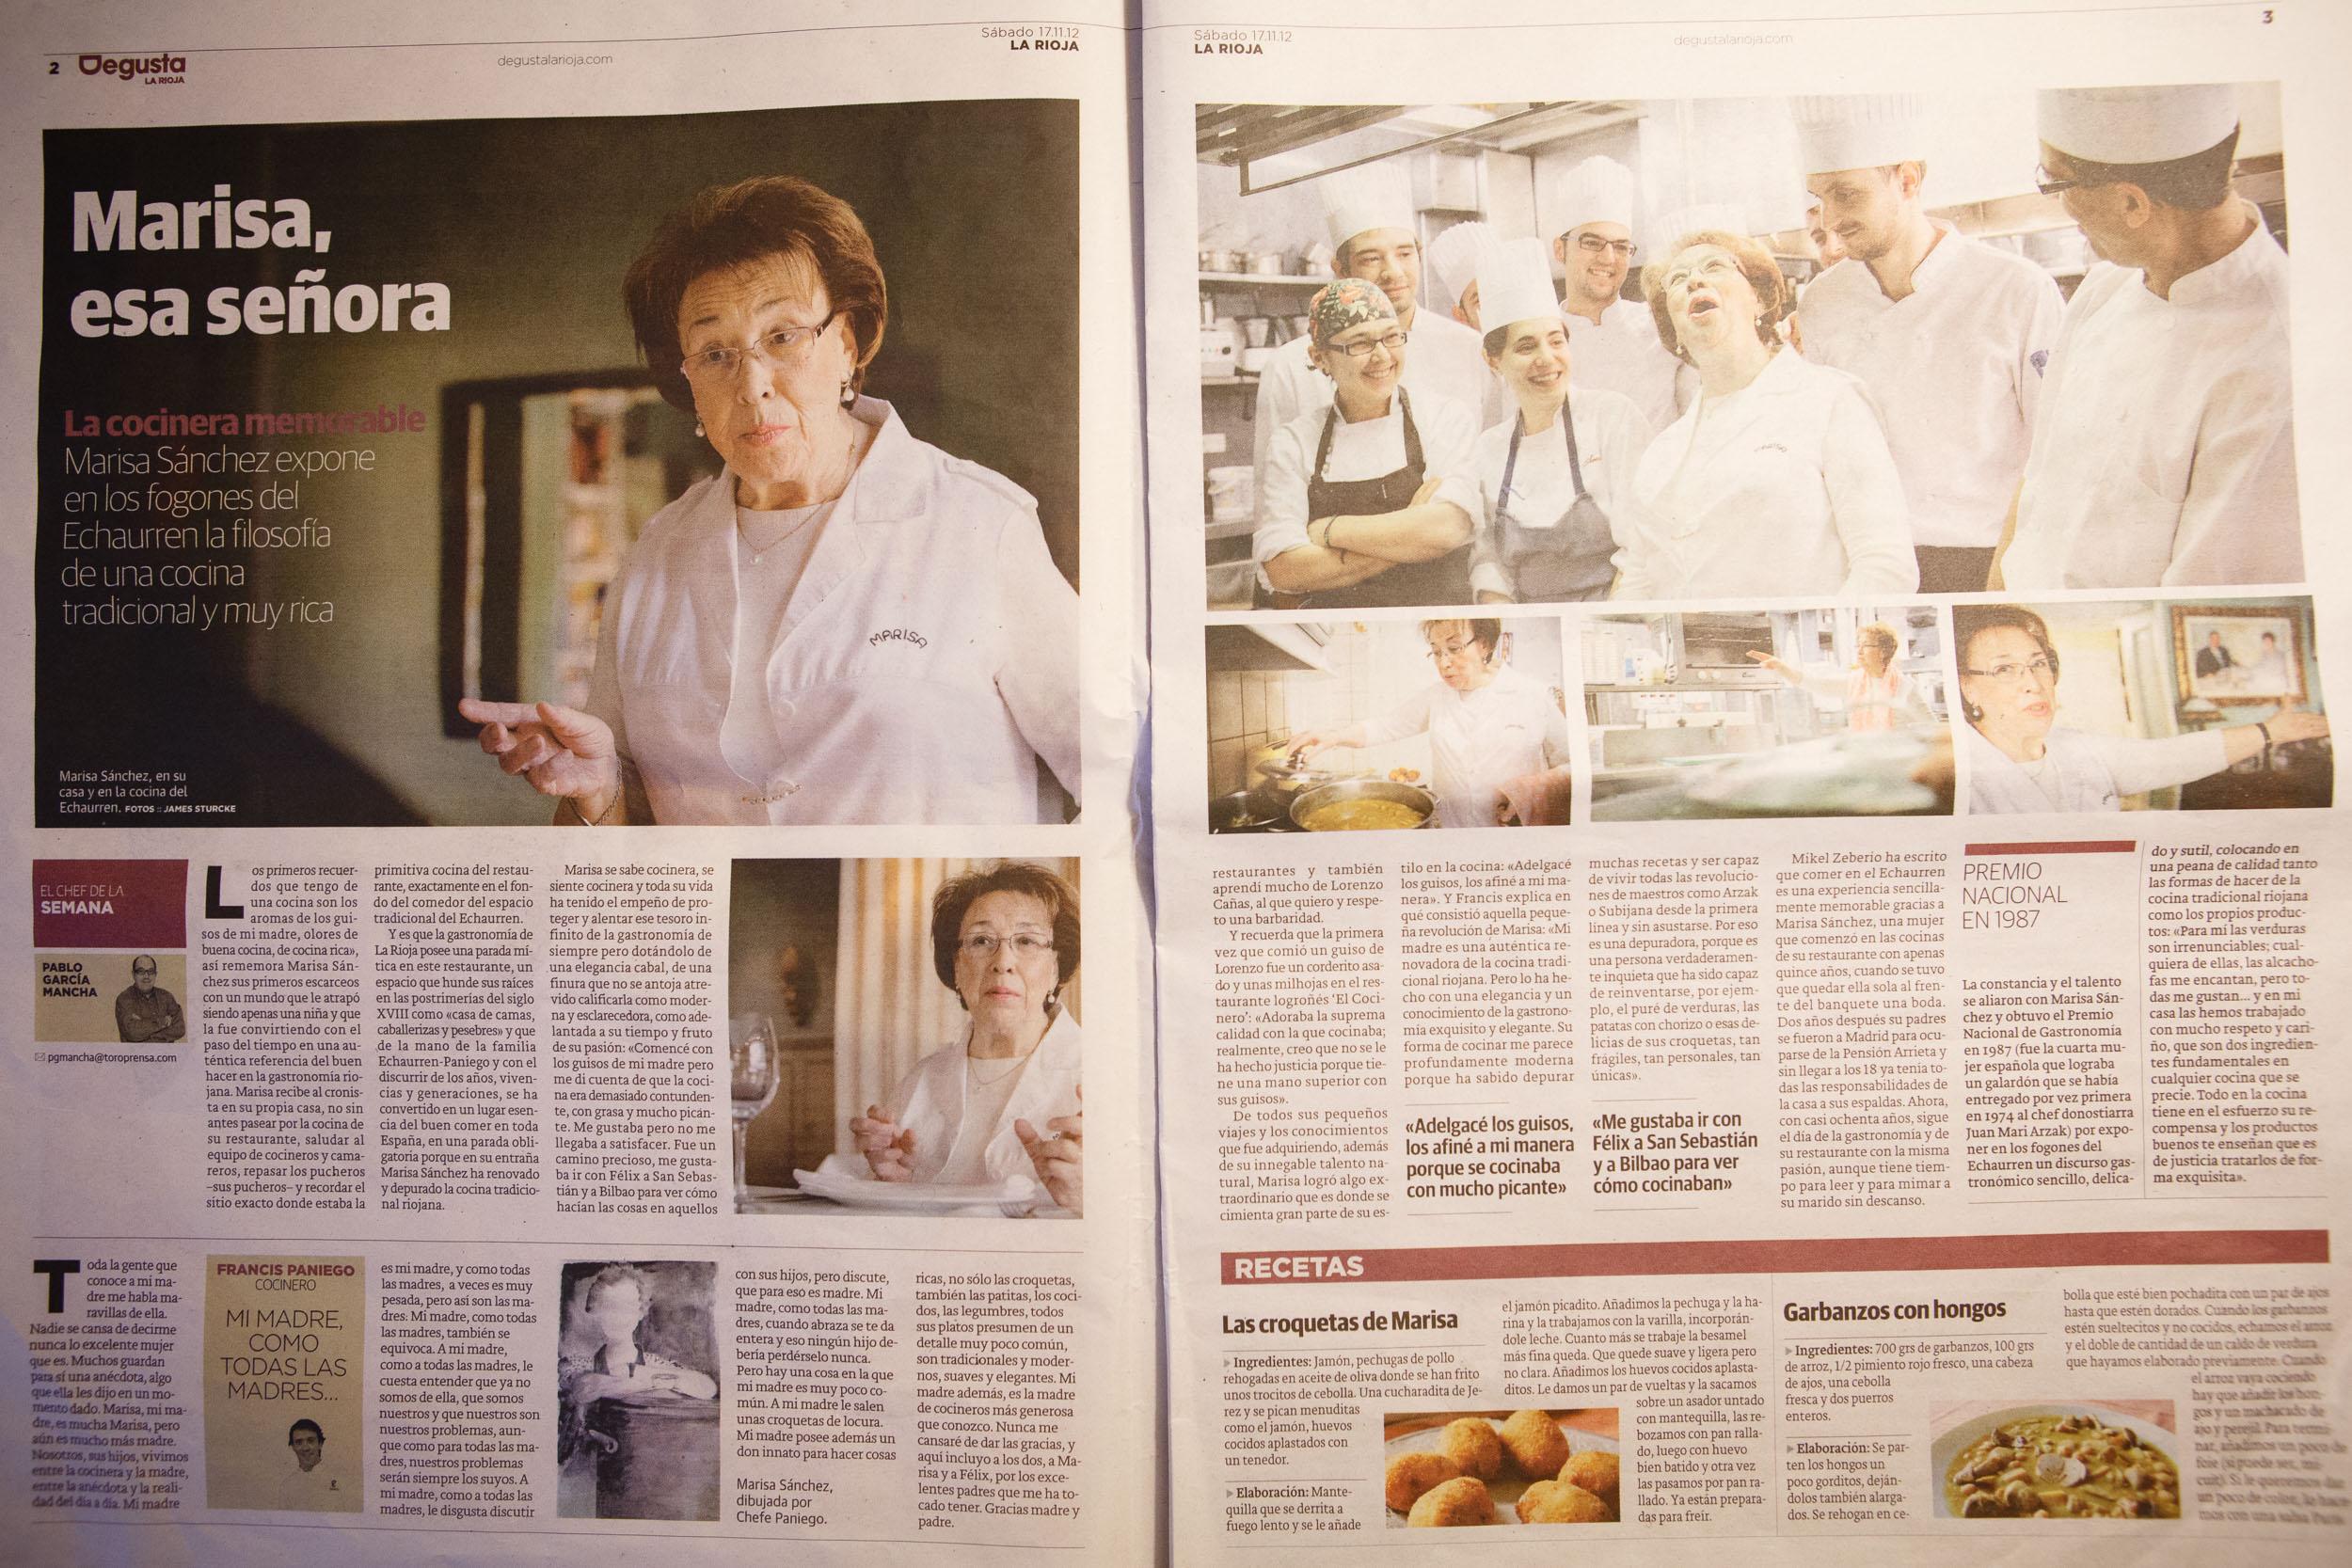 Fotografía de Retratos La Rioja Spain - Marisa Sánchez Cocinera Hotel Echaurren Ezcaray - James Sturcke Photographer | sturcke.org_00011.jpg